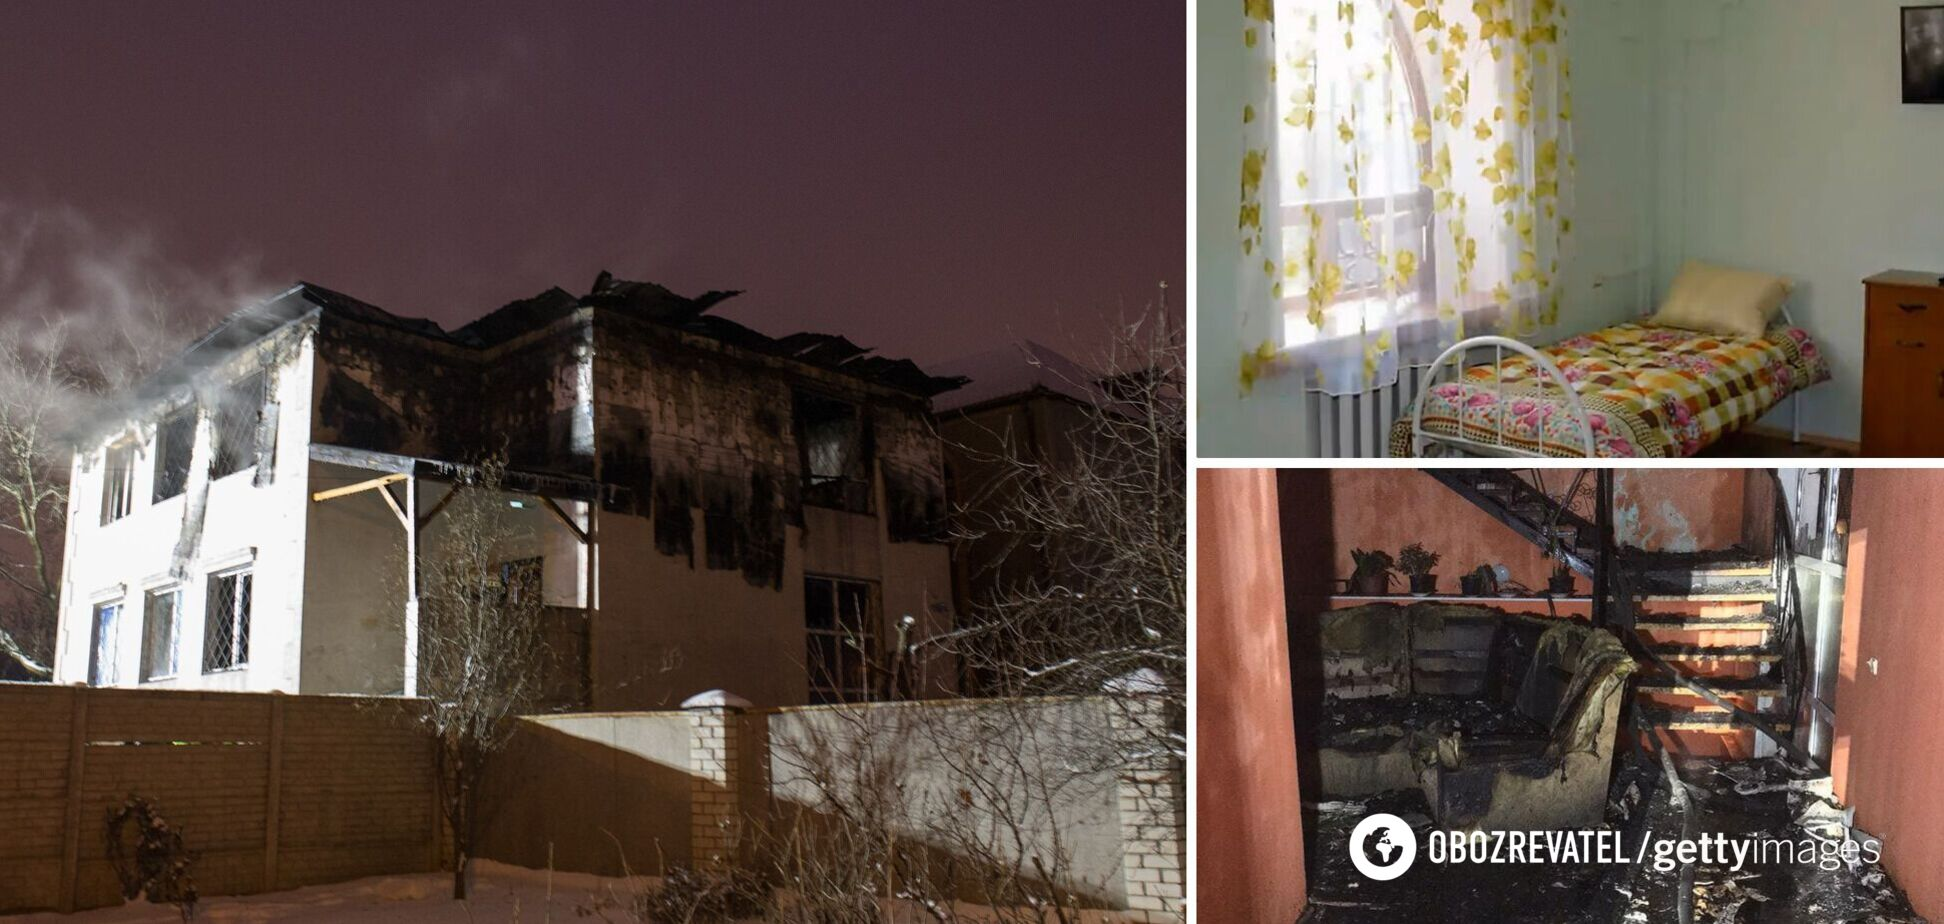 Пожежа в будинку для літніх людей Харкова: названо причину та розмір компенсацій